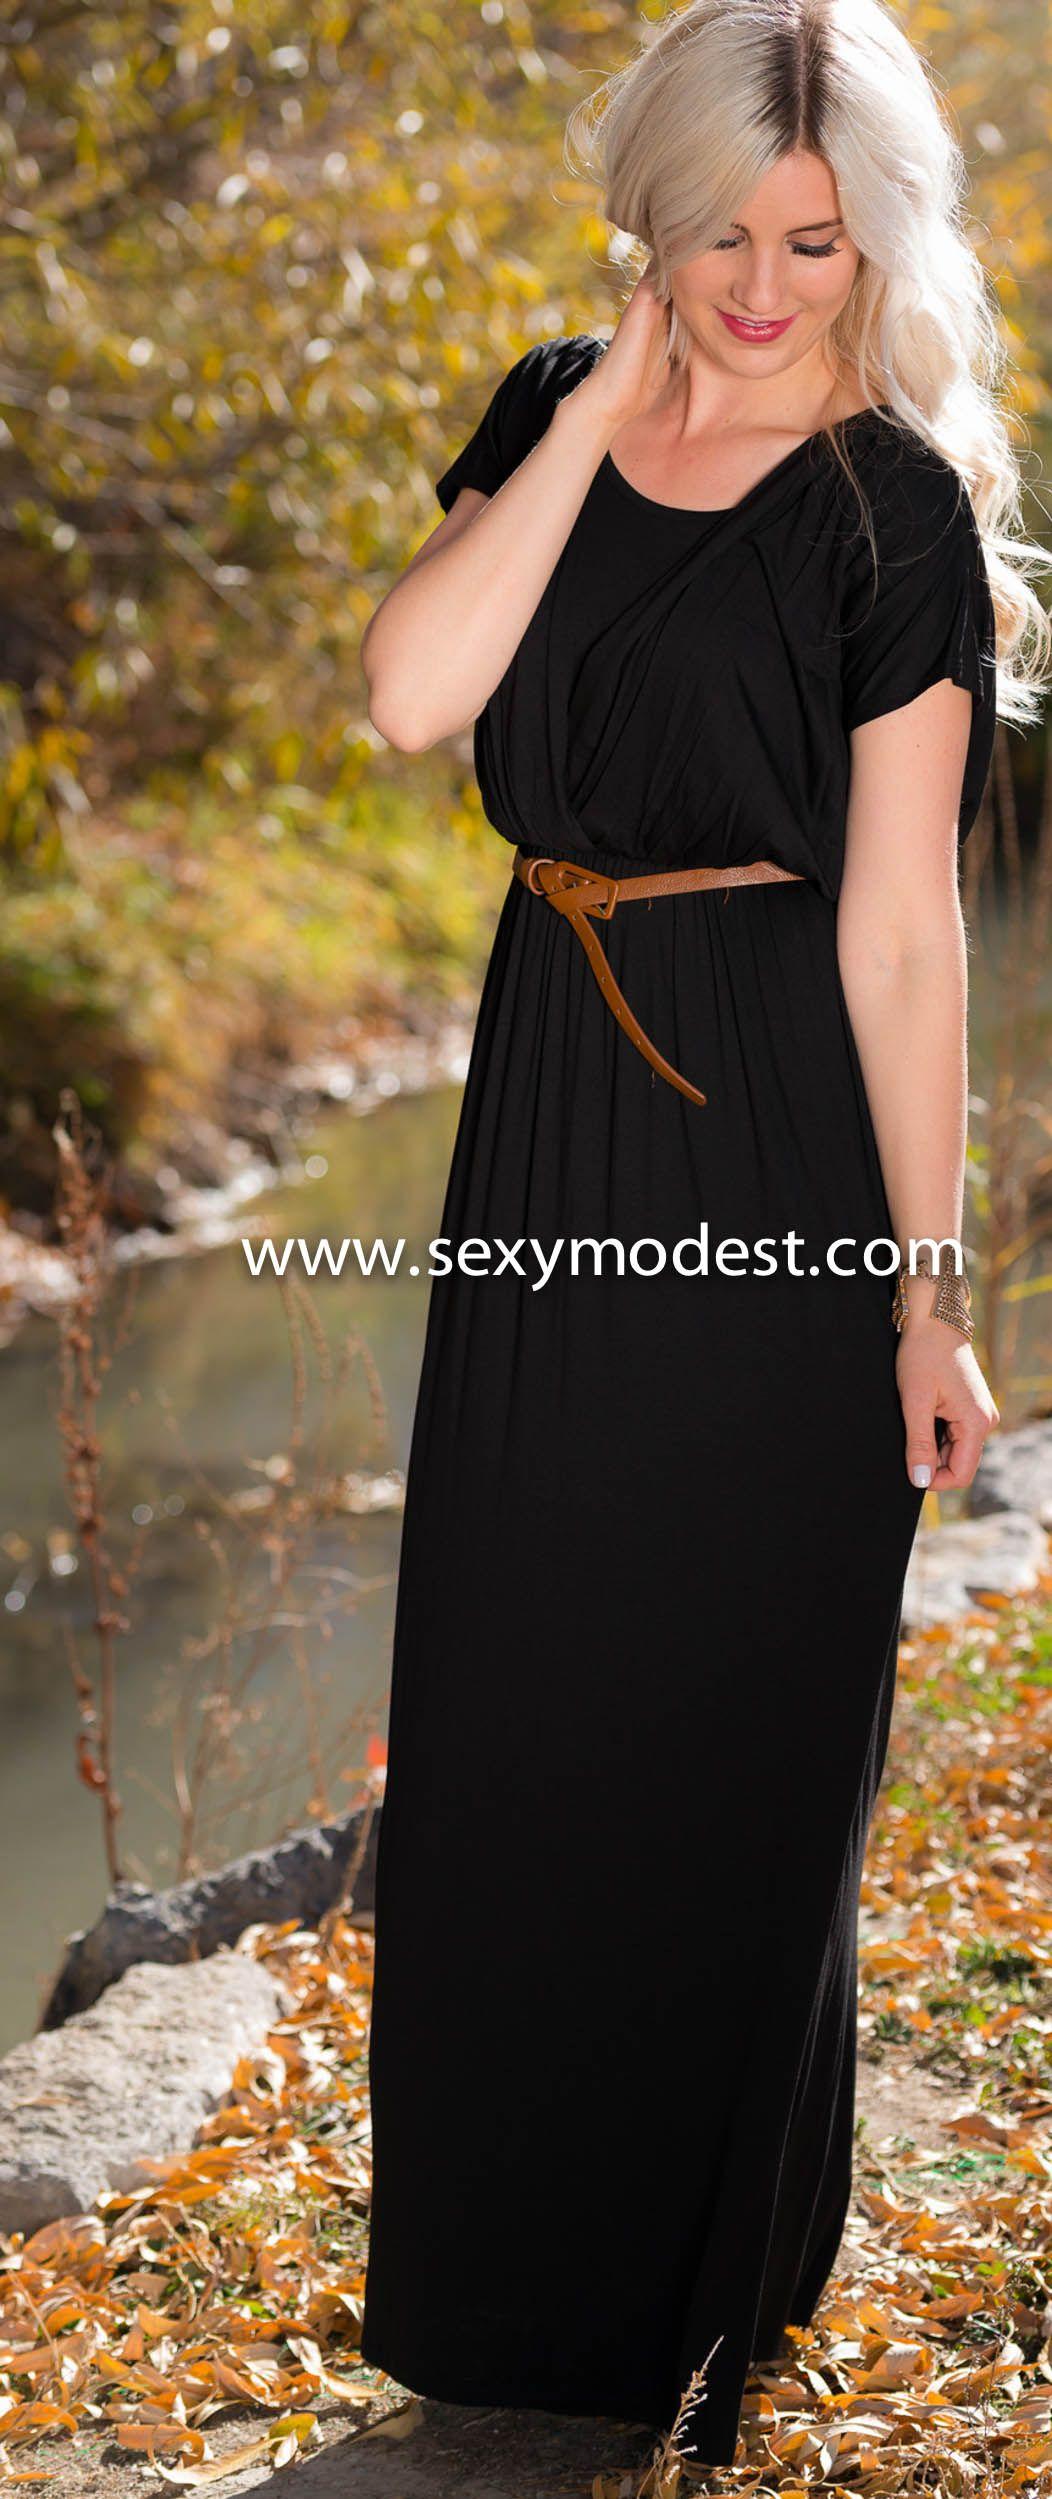 www.sexymodest.com  #fall #dress #black #fashion #fashionblog #design #love #nordstrom #pretty #beautiful  Follow us on Instagram @modestshoppin